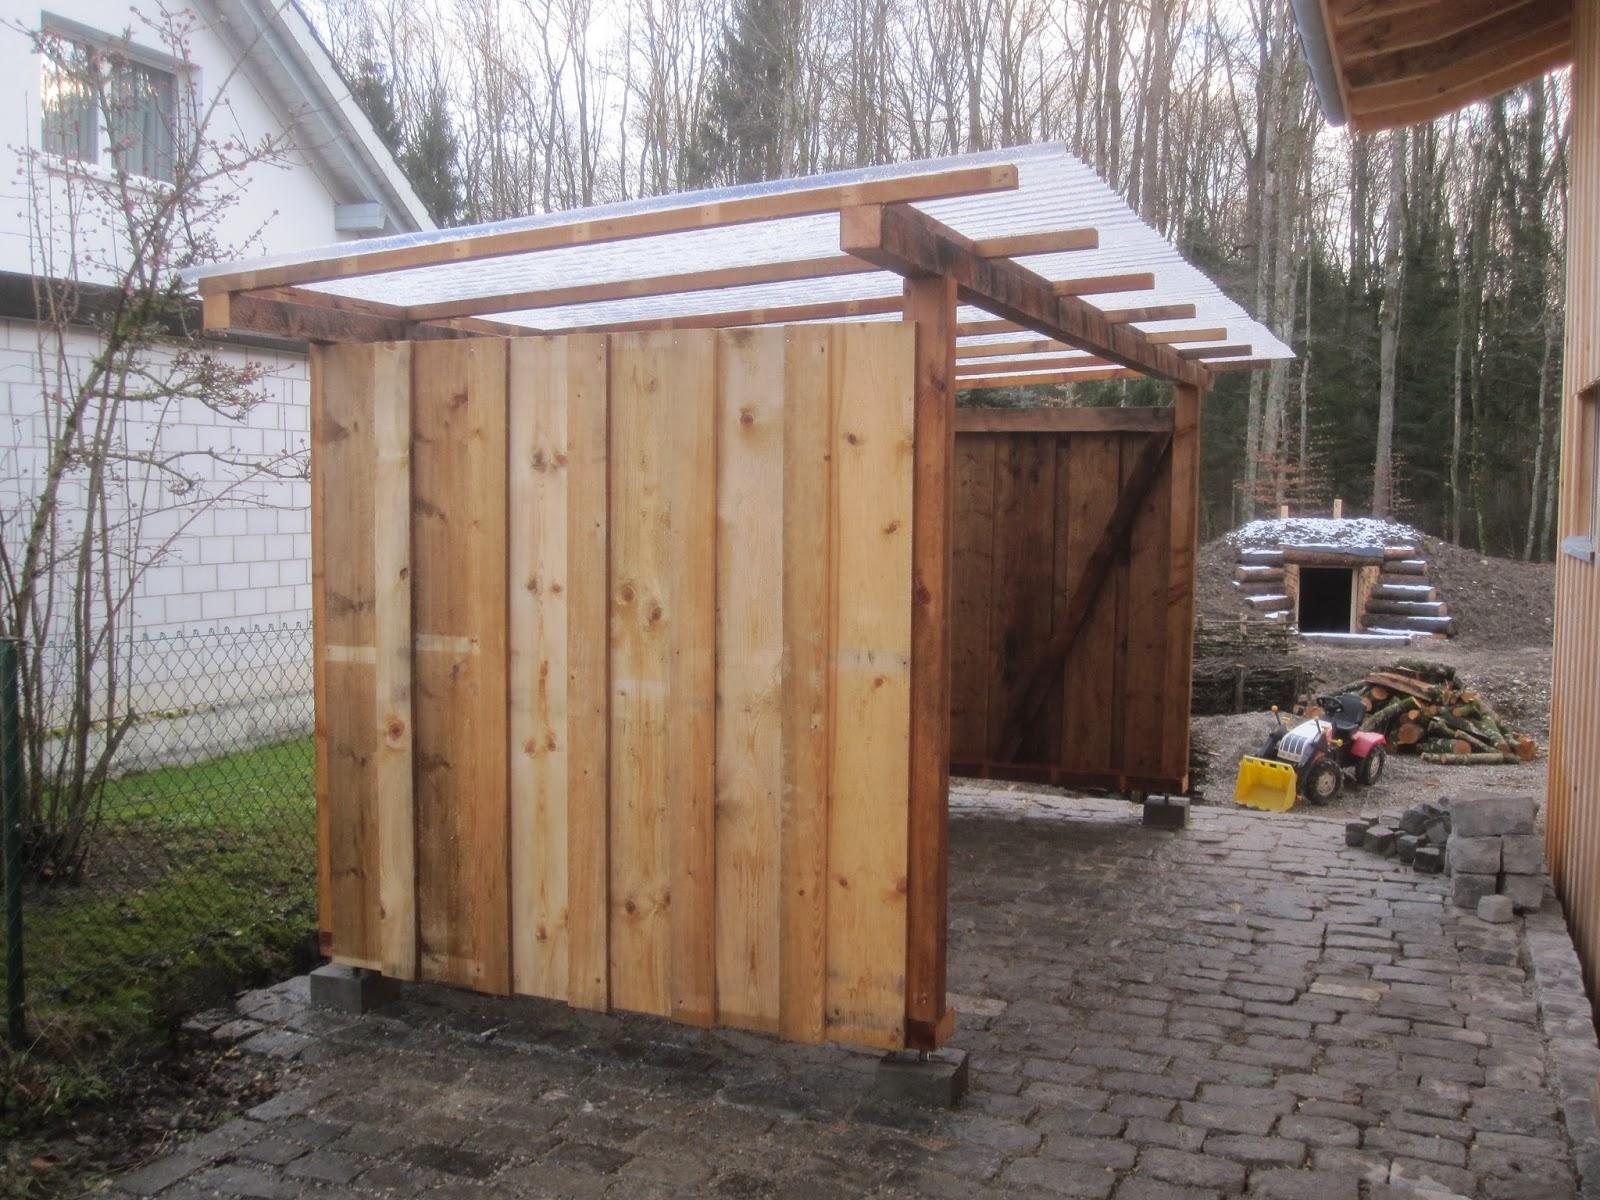 Holzunterstand Aus Paletten Bauen Kaminholzregal Aus Cortenstahl